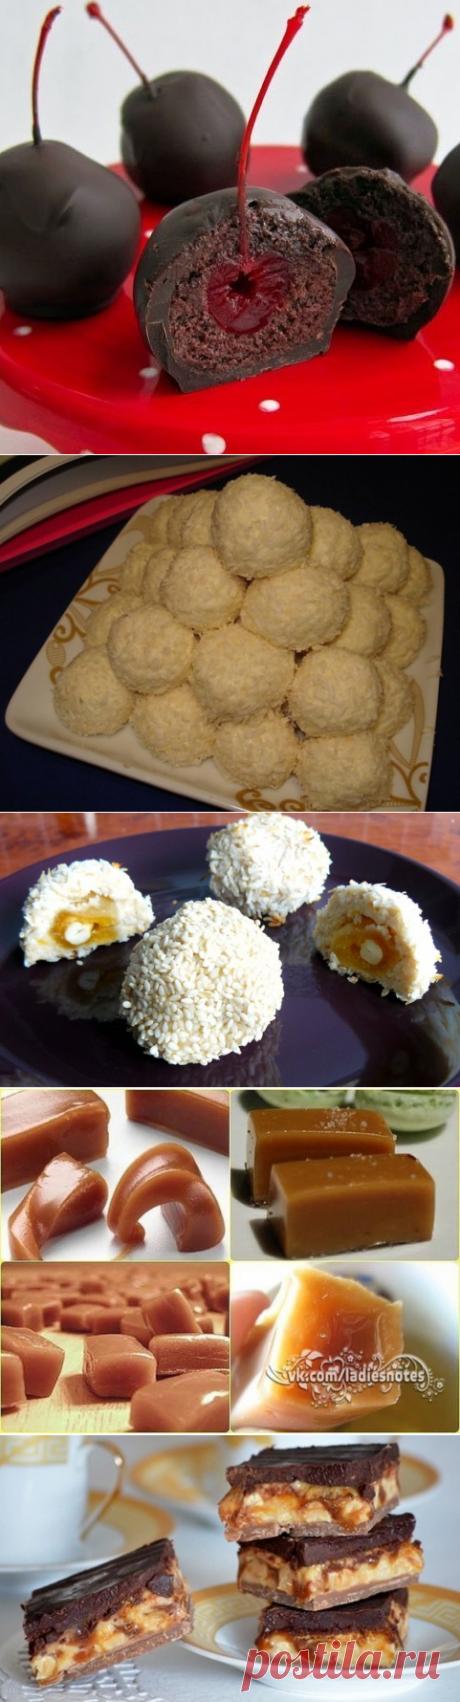 Домашние конфеты - часть четвёртая - рафаелло, сникерс, творожные, коровка, ириски